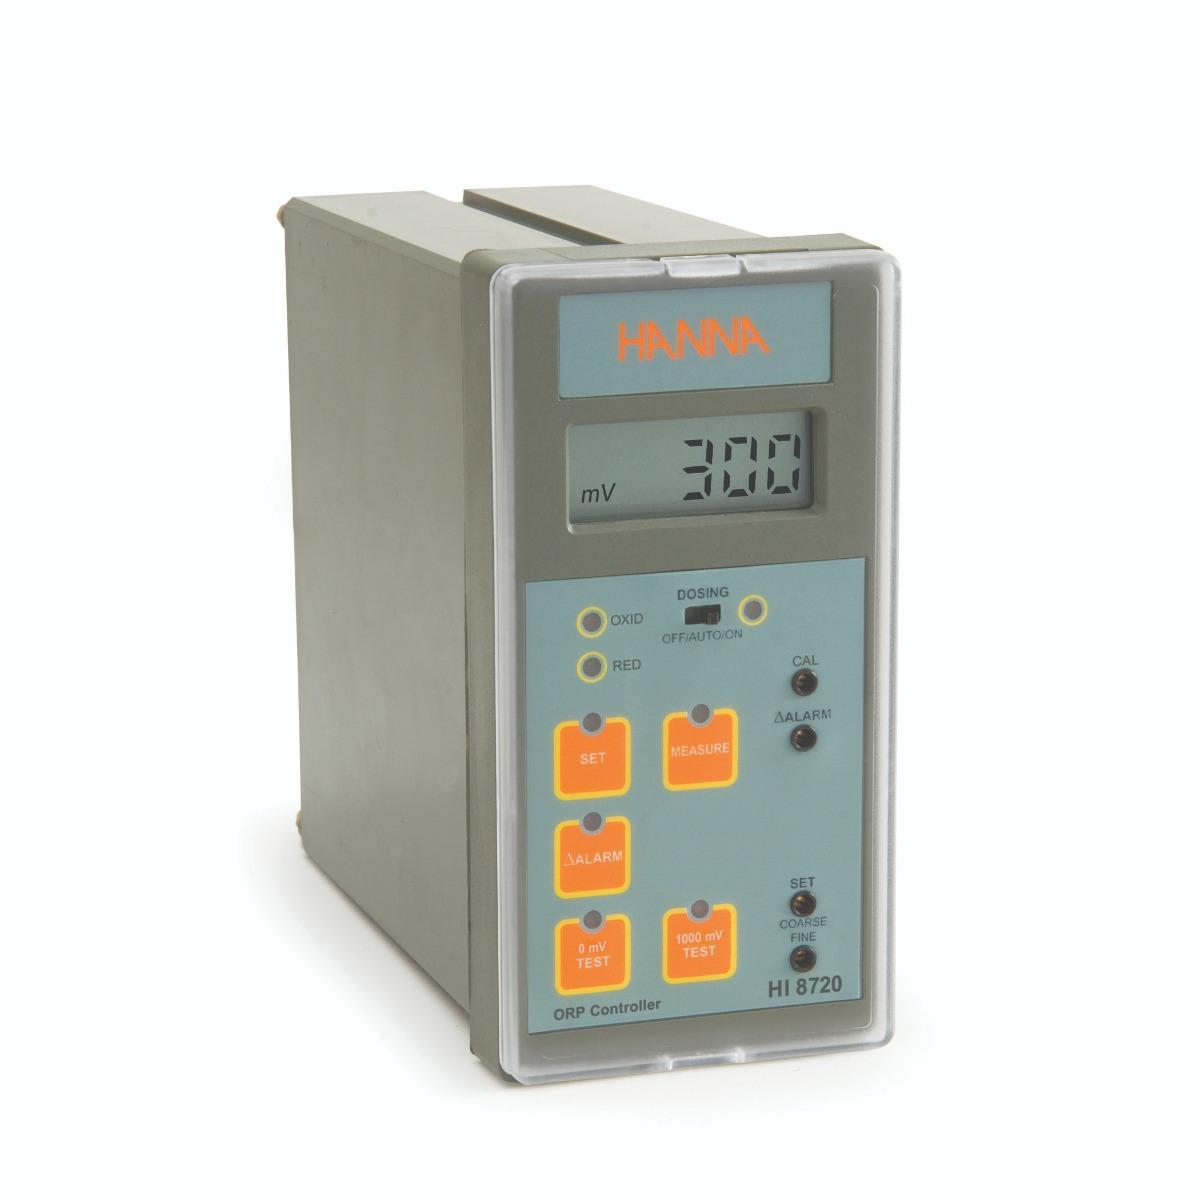 Controlador Analógico de ORP con Prueba de Autodiagnóstico - HI8720